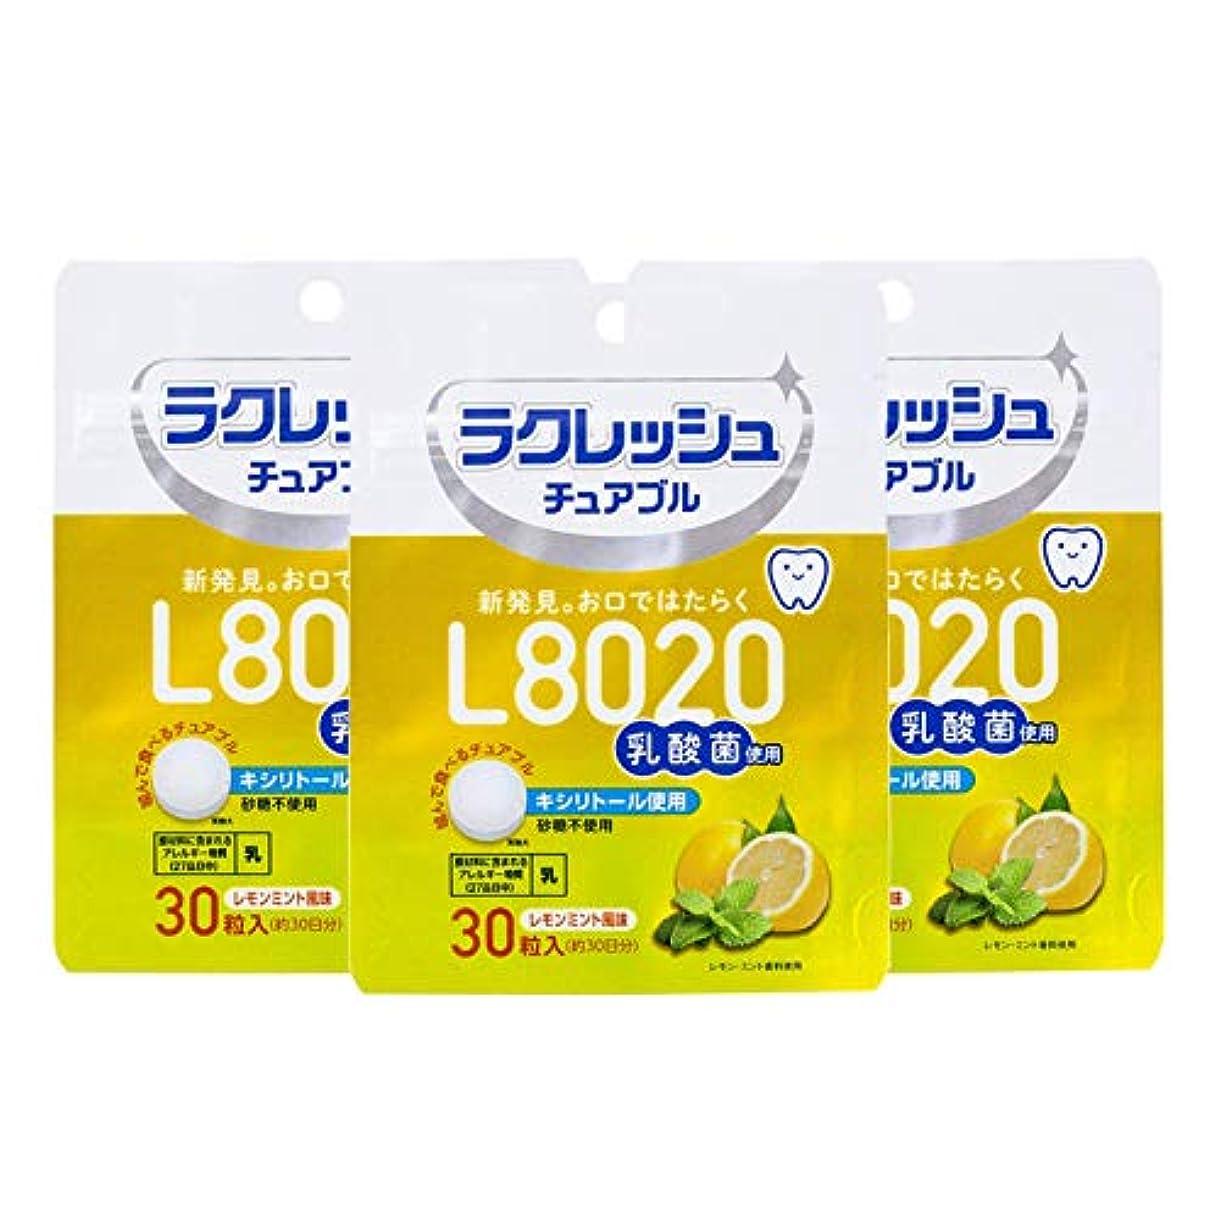 衝突する薬理学知っているに立ち寄るL8020乳酸菌ラクレッシュ チュアブル レモンミント風味(30粒) 3袋 タブレット